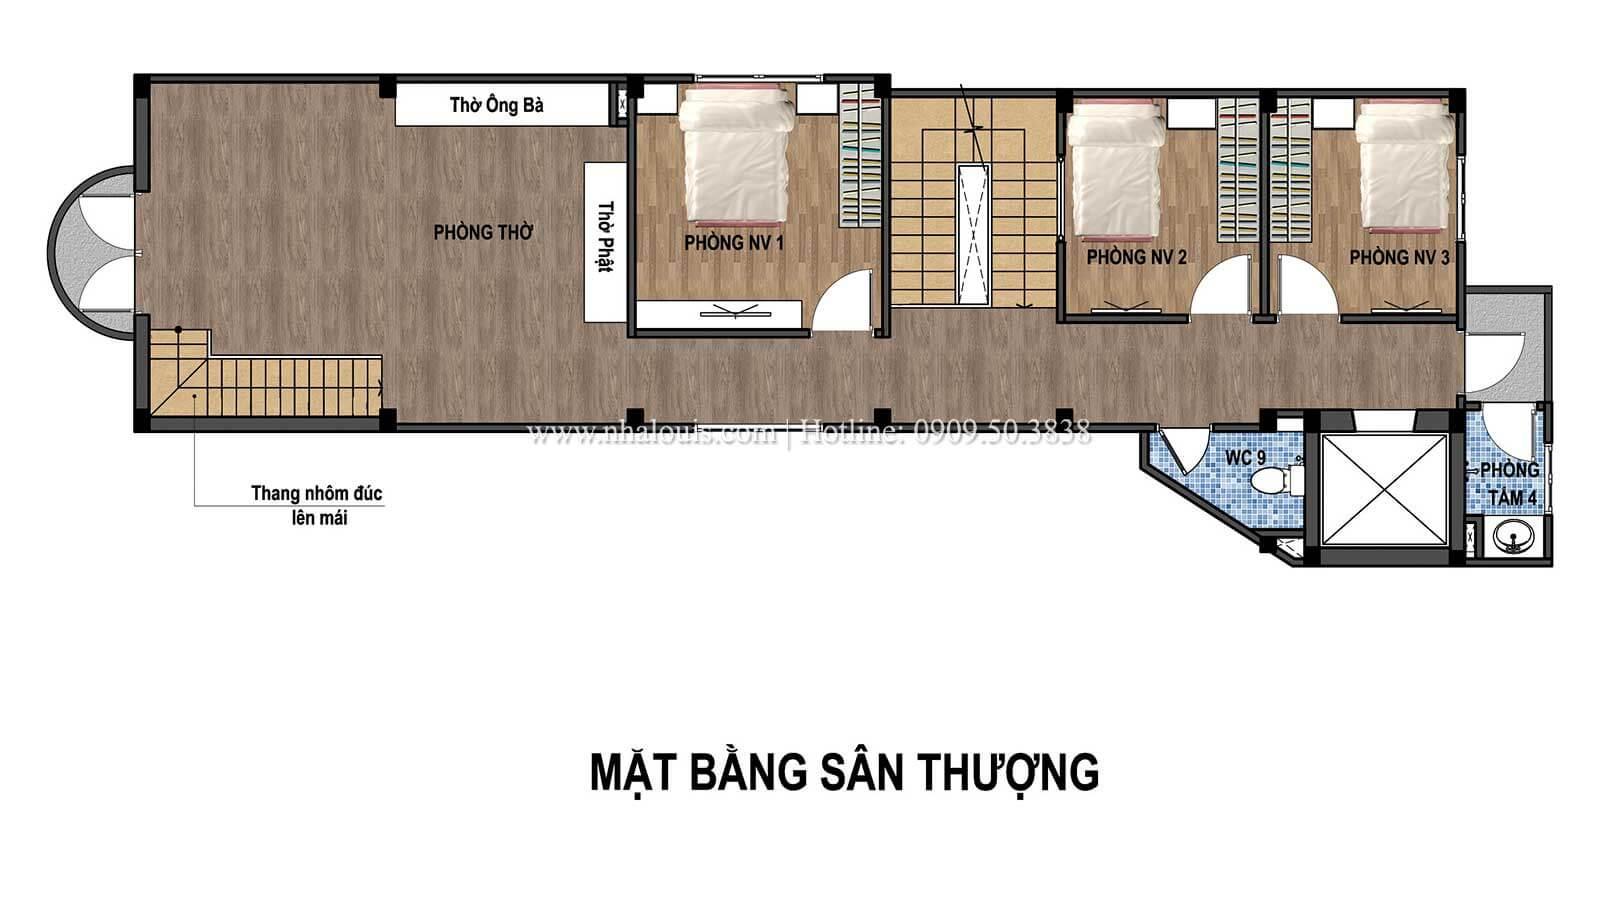 Mặt bằng sân thượng Thiết kế tiệm vàng 5 tầng đẹp không tì vết tại Nhà Bè - 07